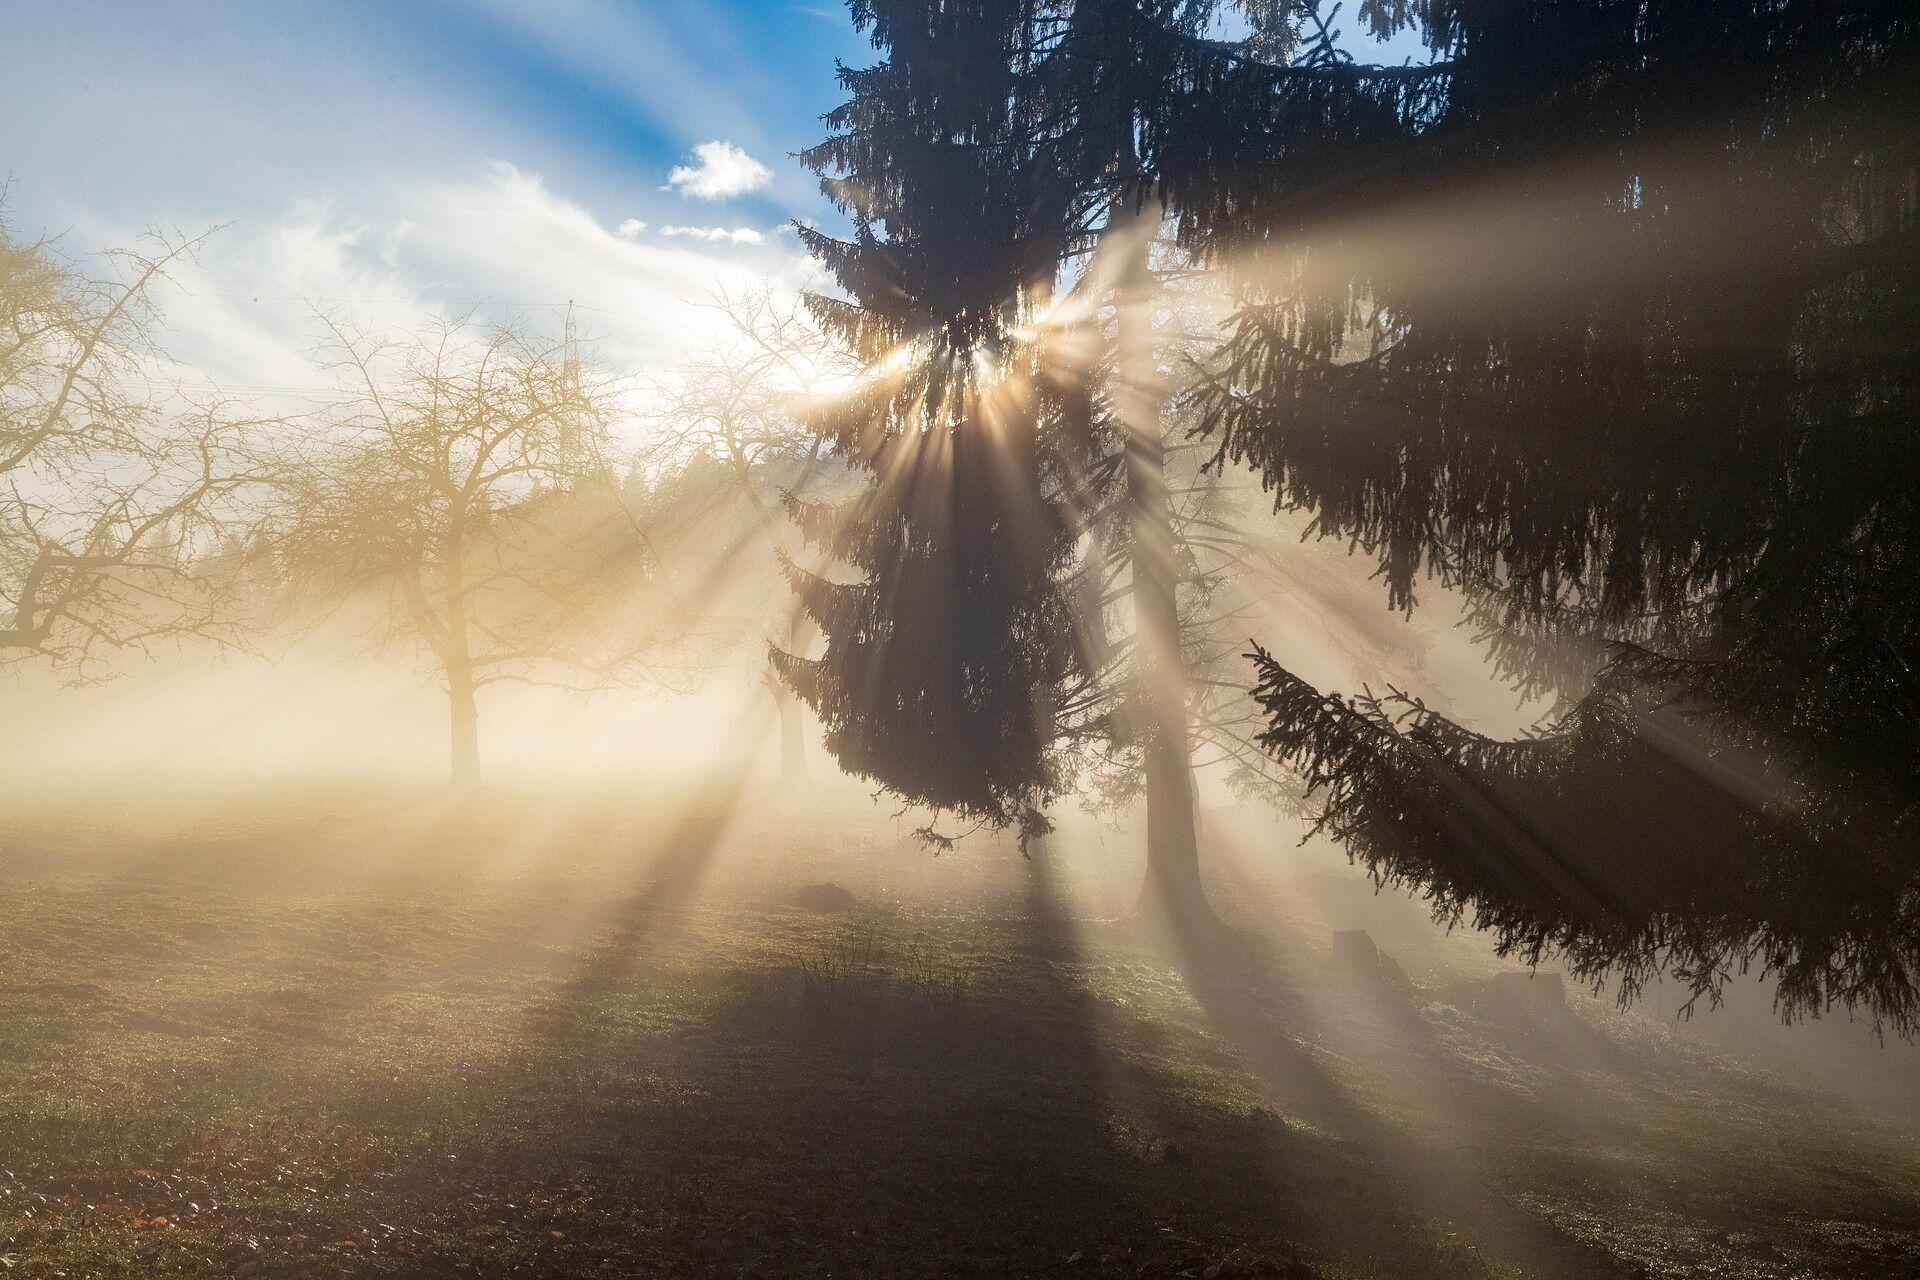 16 марта стоит отказаться от прогулок в лес